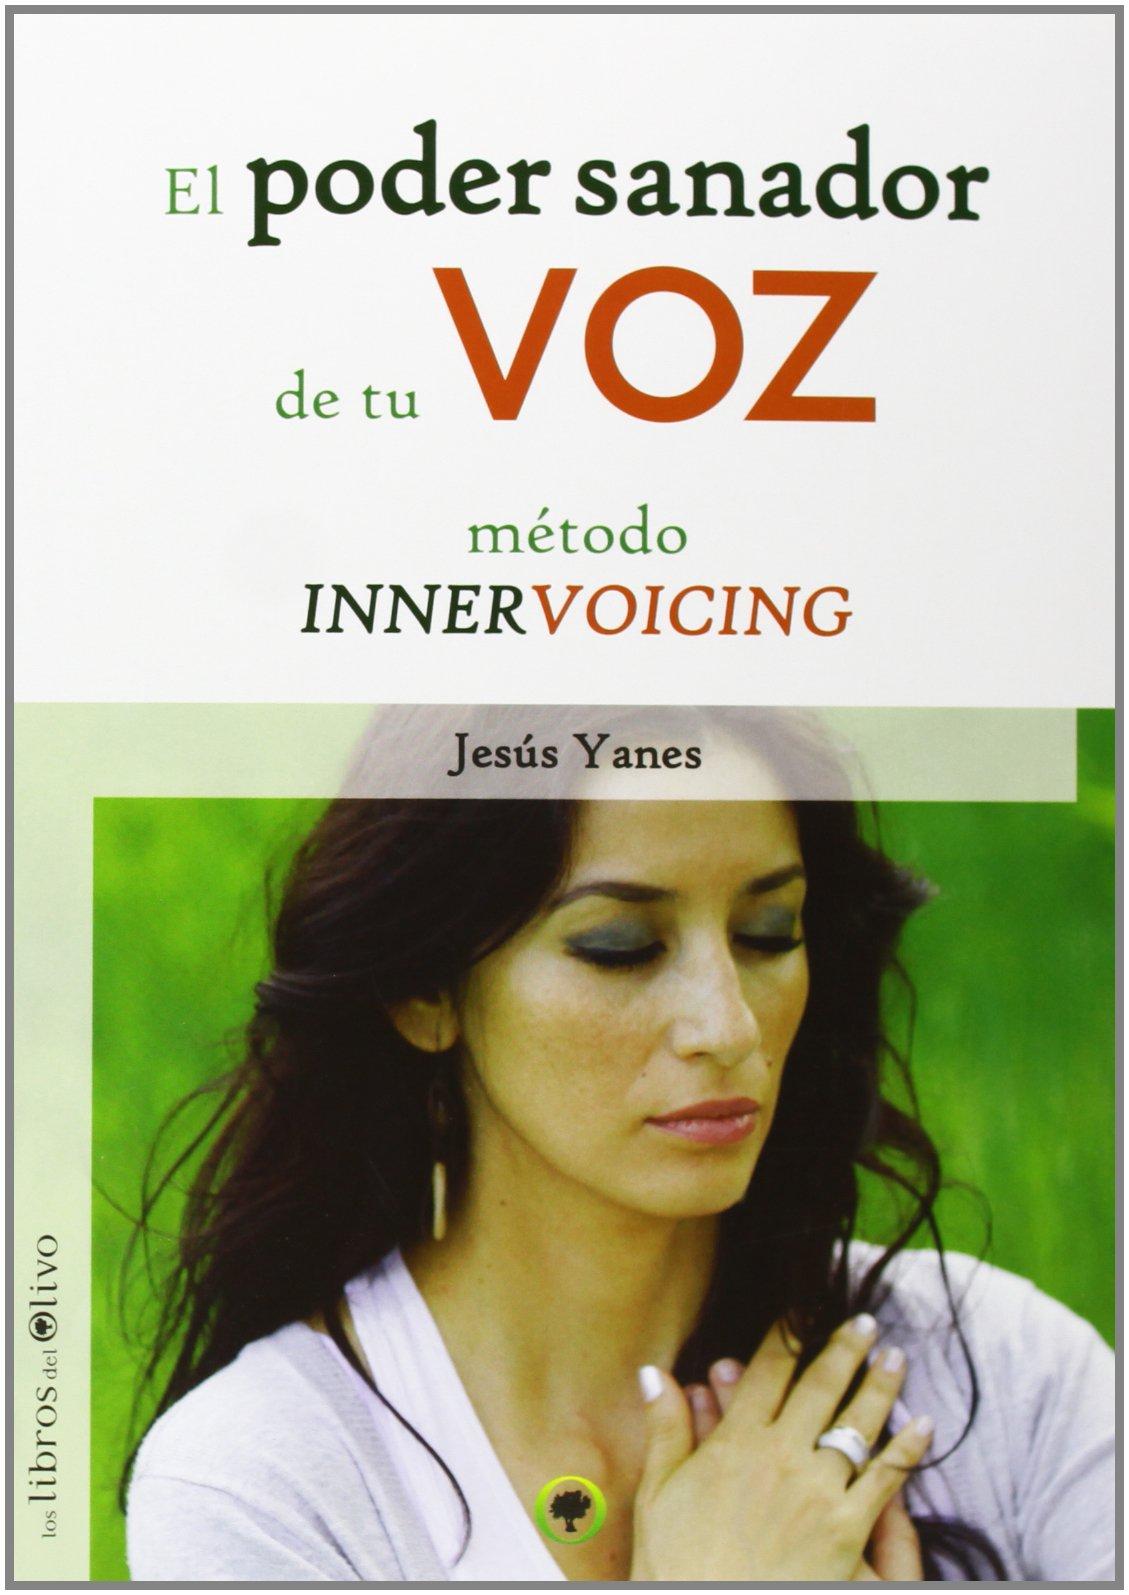 EL PODER SANADOR DE TU VOZ: MÉTODO INNERVOICING Jardin Verde: Amazon.es: JESÚS YANES: Libros